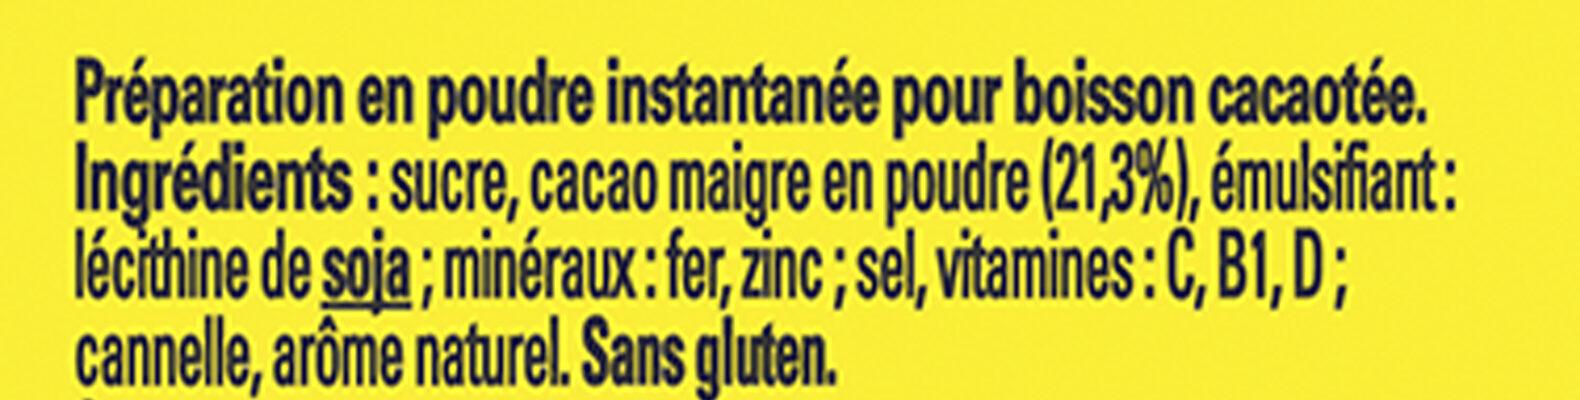 NESQUIK Poudre Cacaotée boîte - Ingrédients - fr